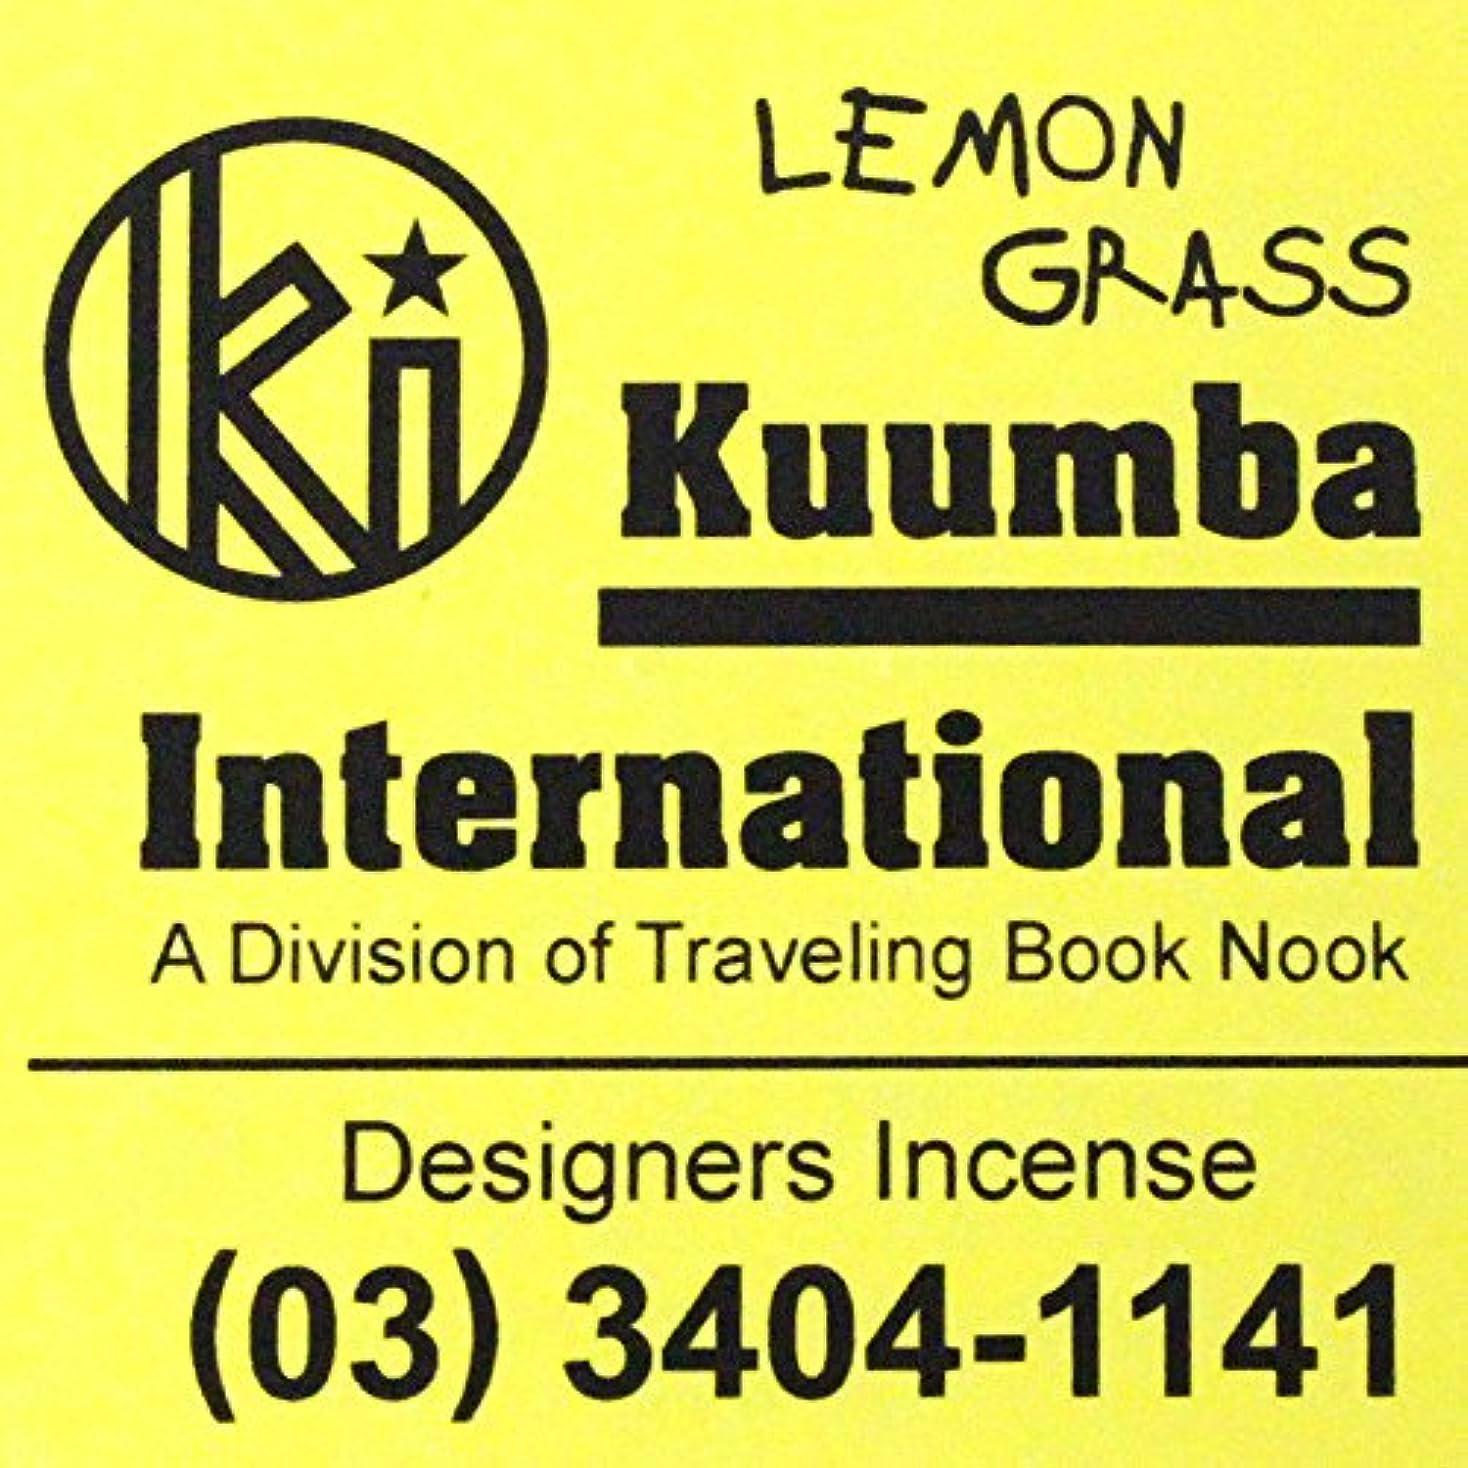 左取得コレクション(クンバ) KUUMBA『incense』(LEMON GRASS) (Regular size)